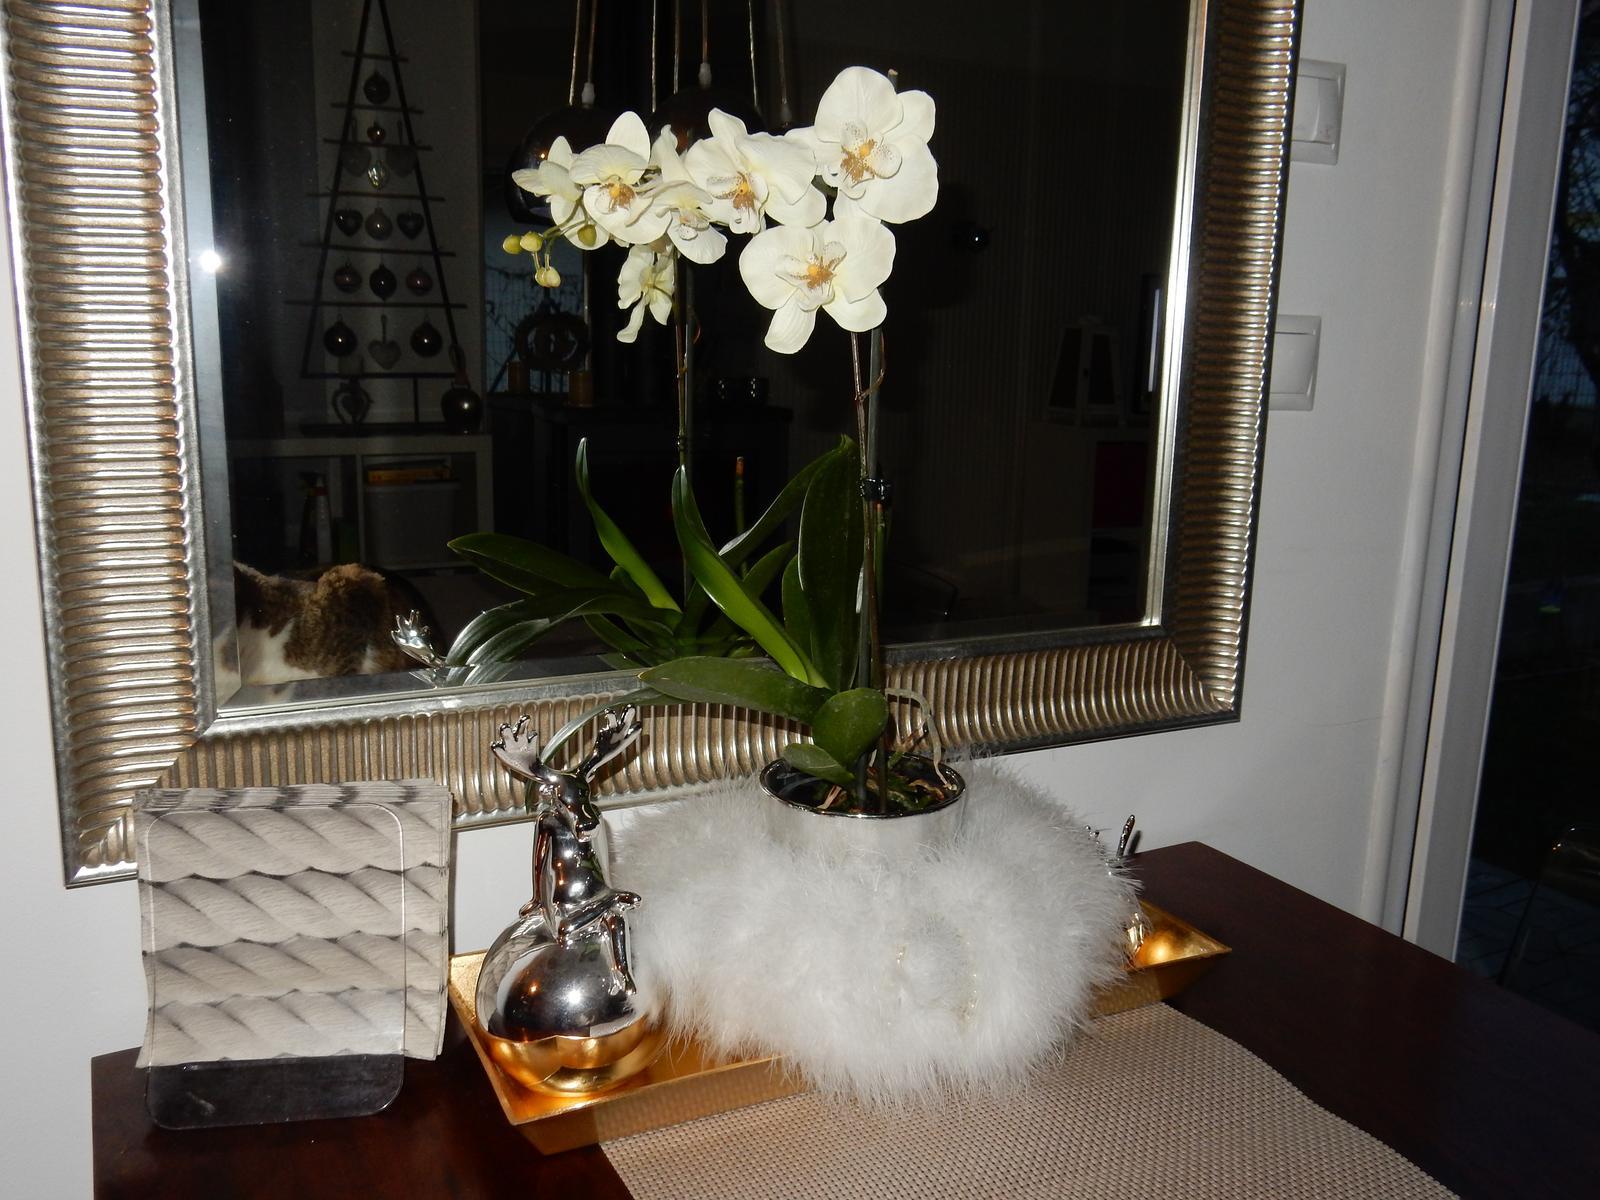 Malý, ale môj. :-) - Kedze mi nekvitne ziadna orchidea, tak som si pomohla. Mam umelu. :-)